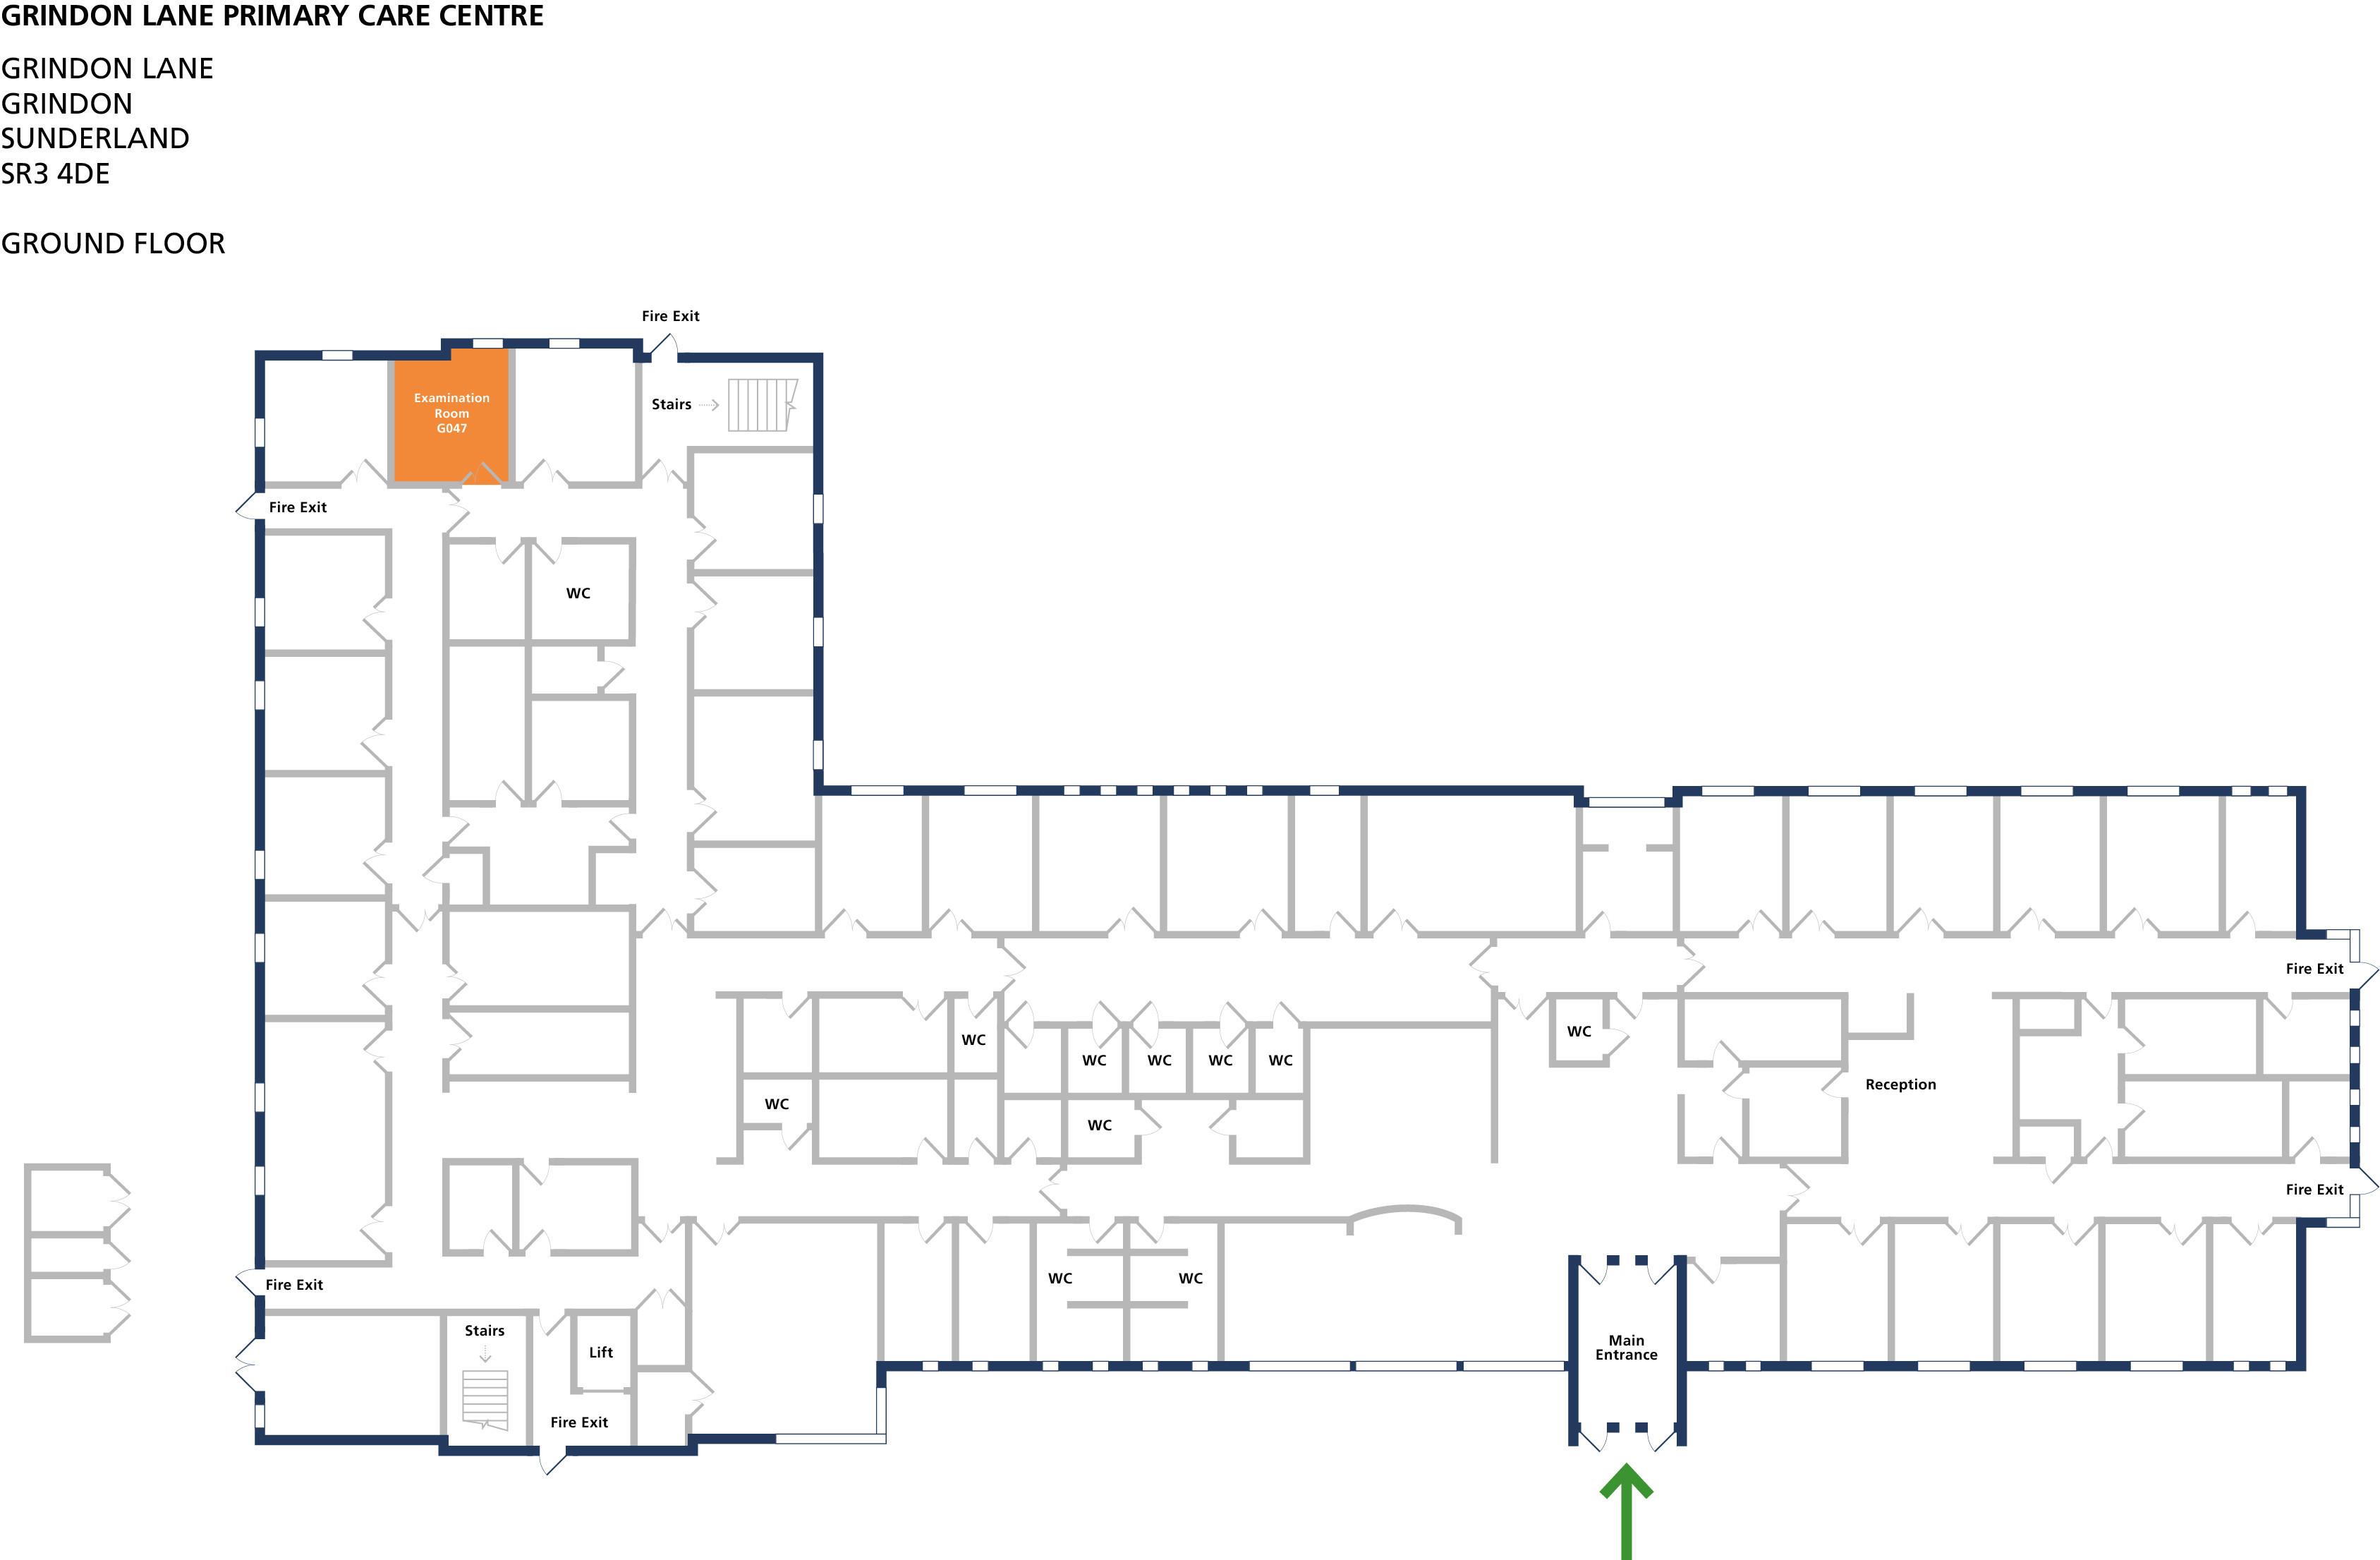 Examination room 47